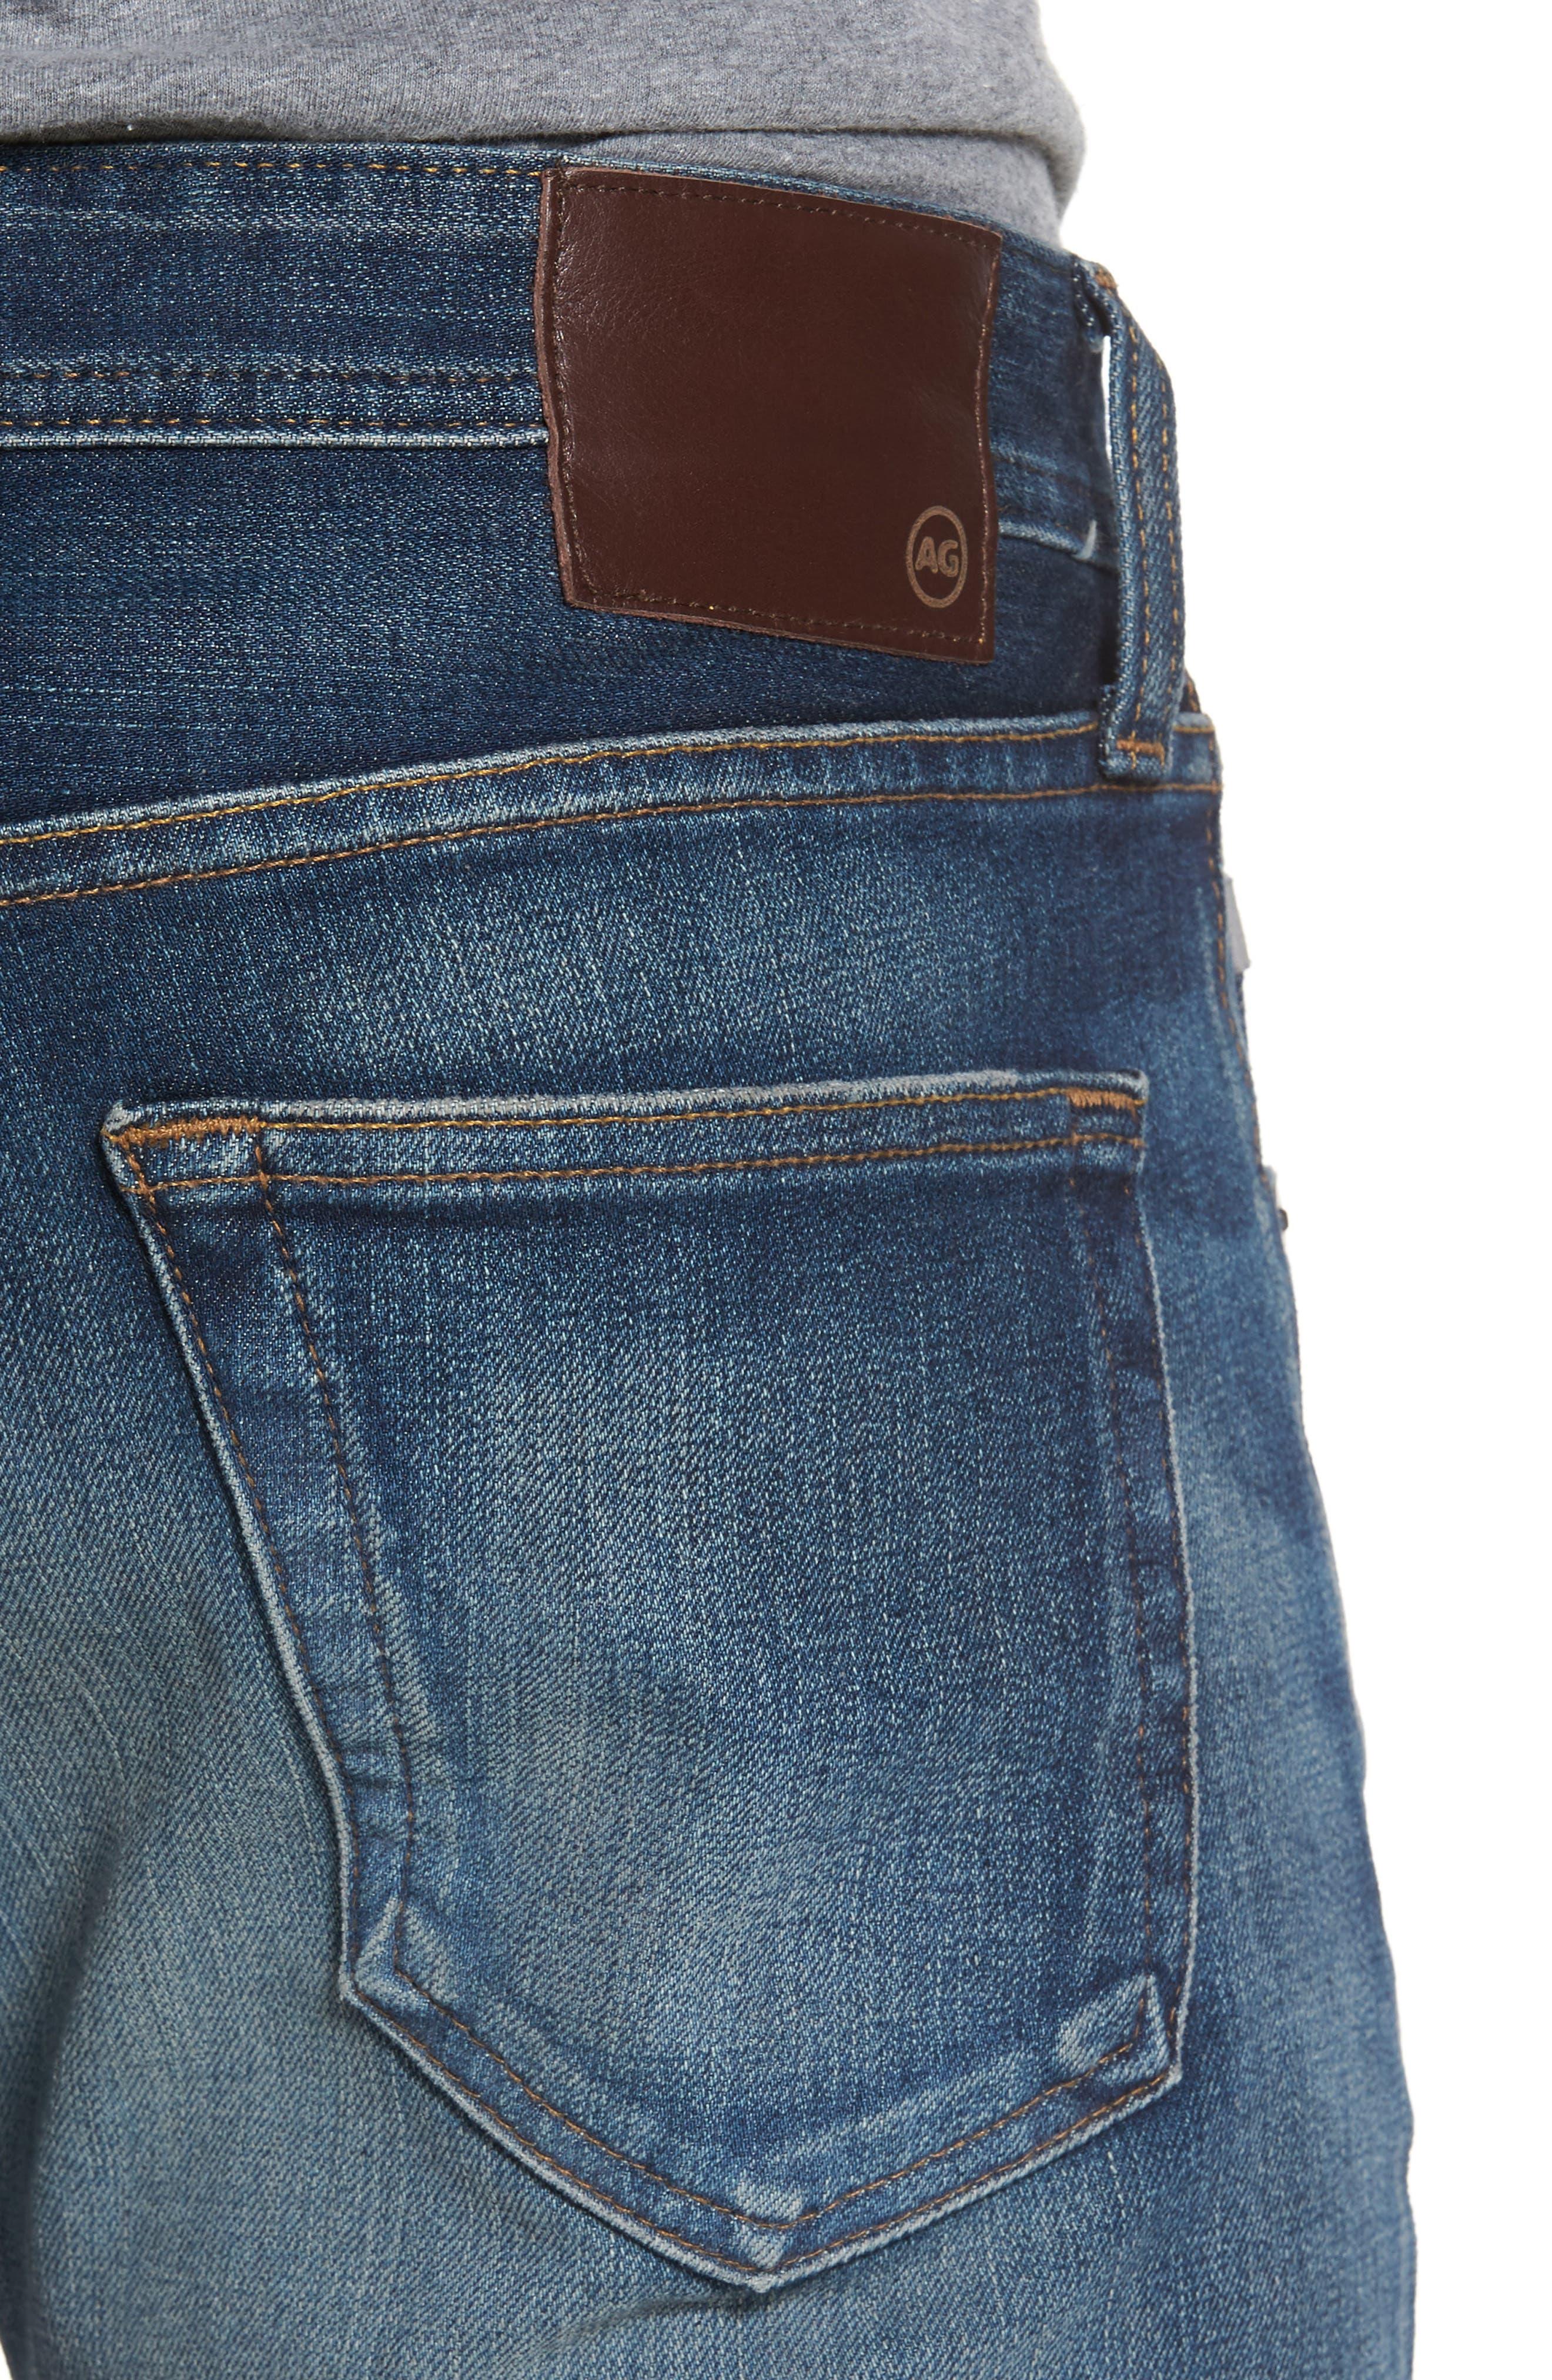 Alternate Image 4  - AG Tellis Slim Fit Jeans (10 Years Shortcut)